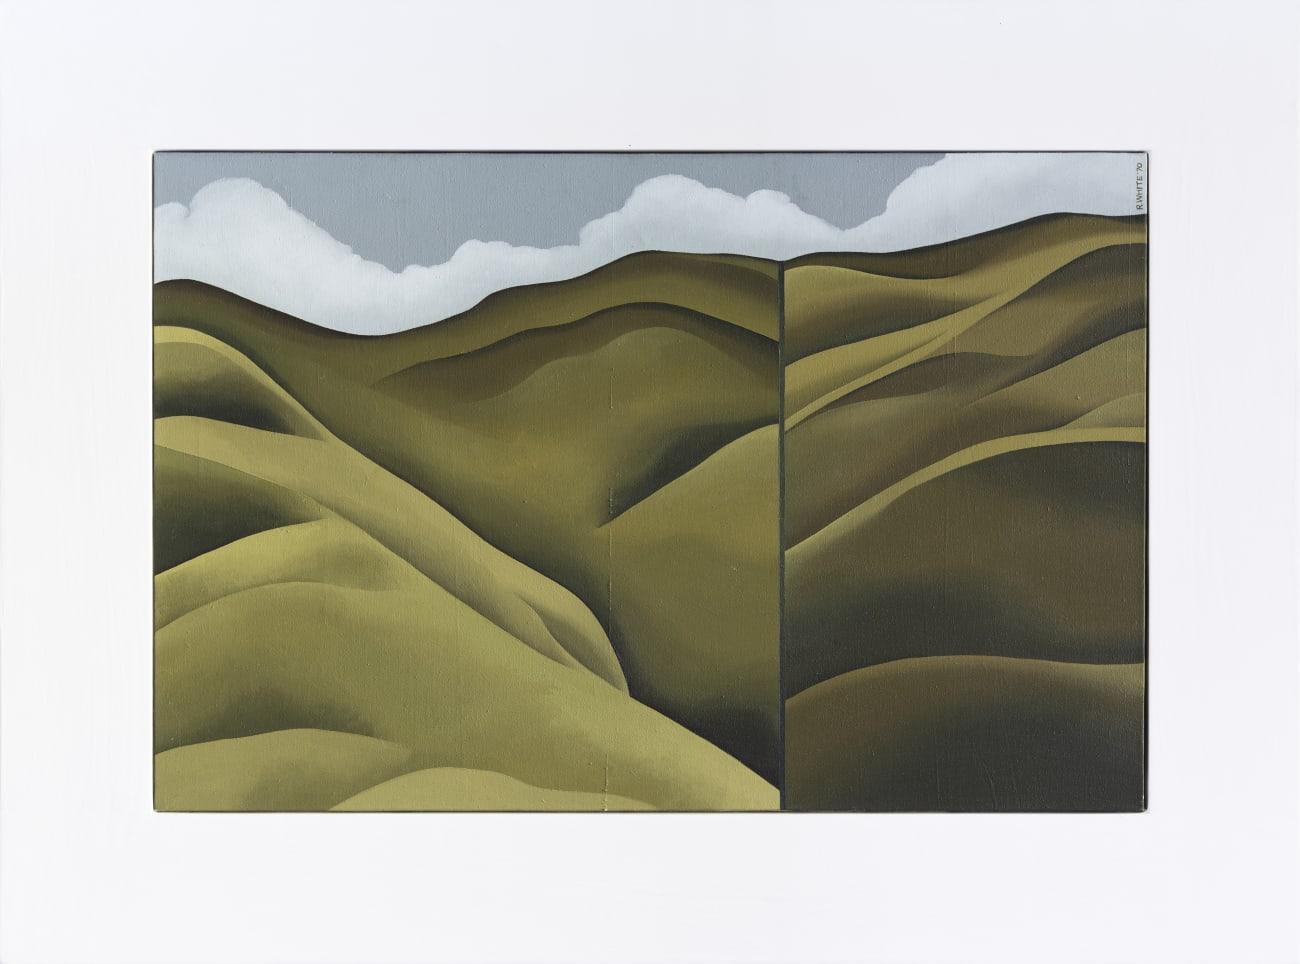 Robin WHITE, Untitled [Porirua Hills], 1970